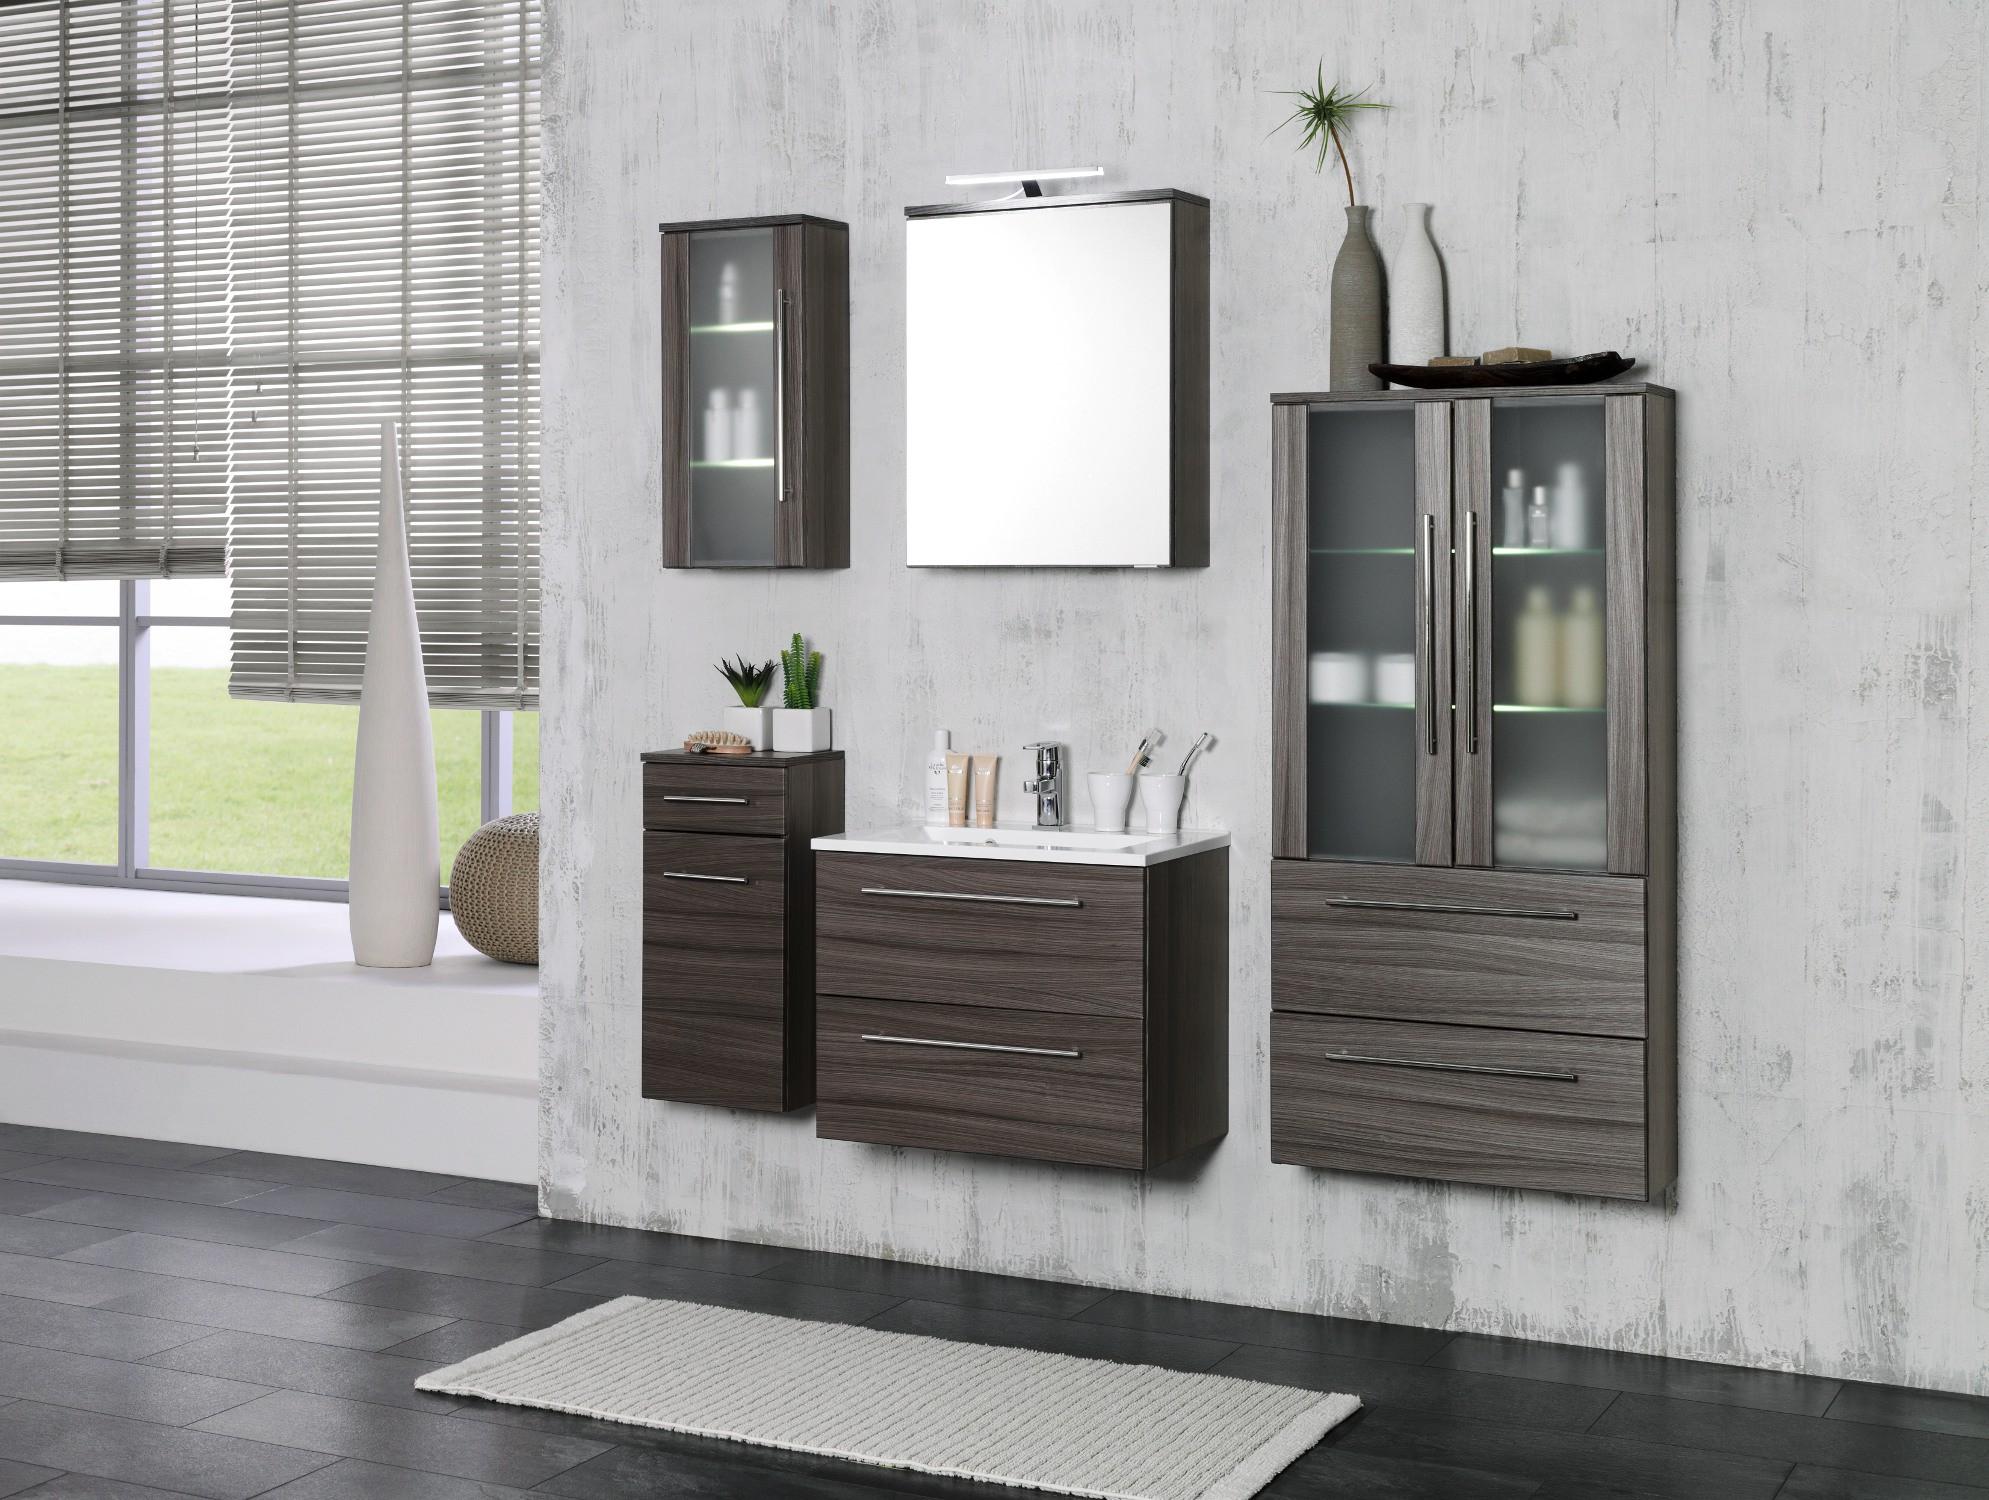 Badezimmer waschtisch set  Badmöbel-Set MAILAND - mit Waschtisch - 4-teilig - 120 cm breit ...